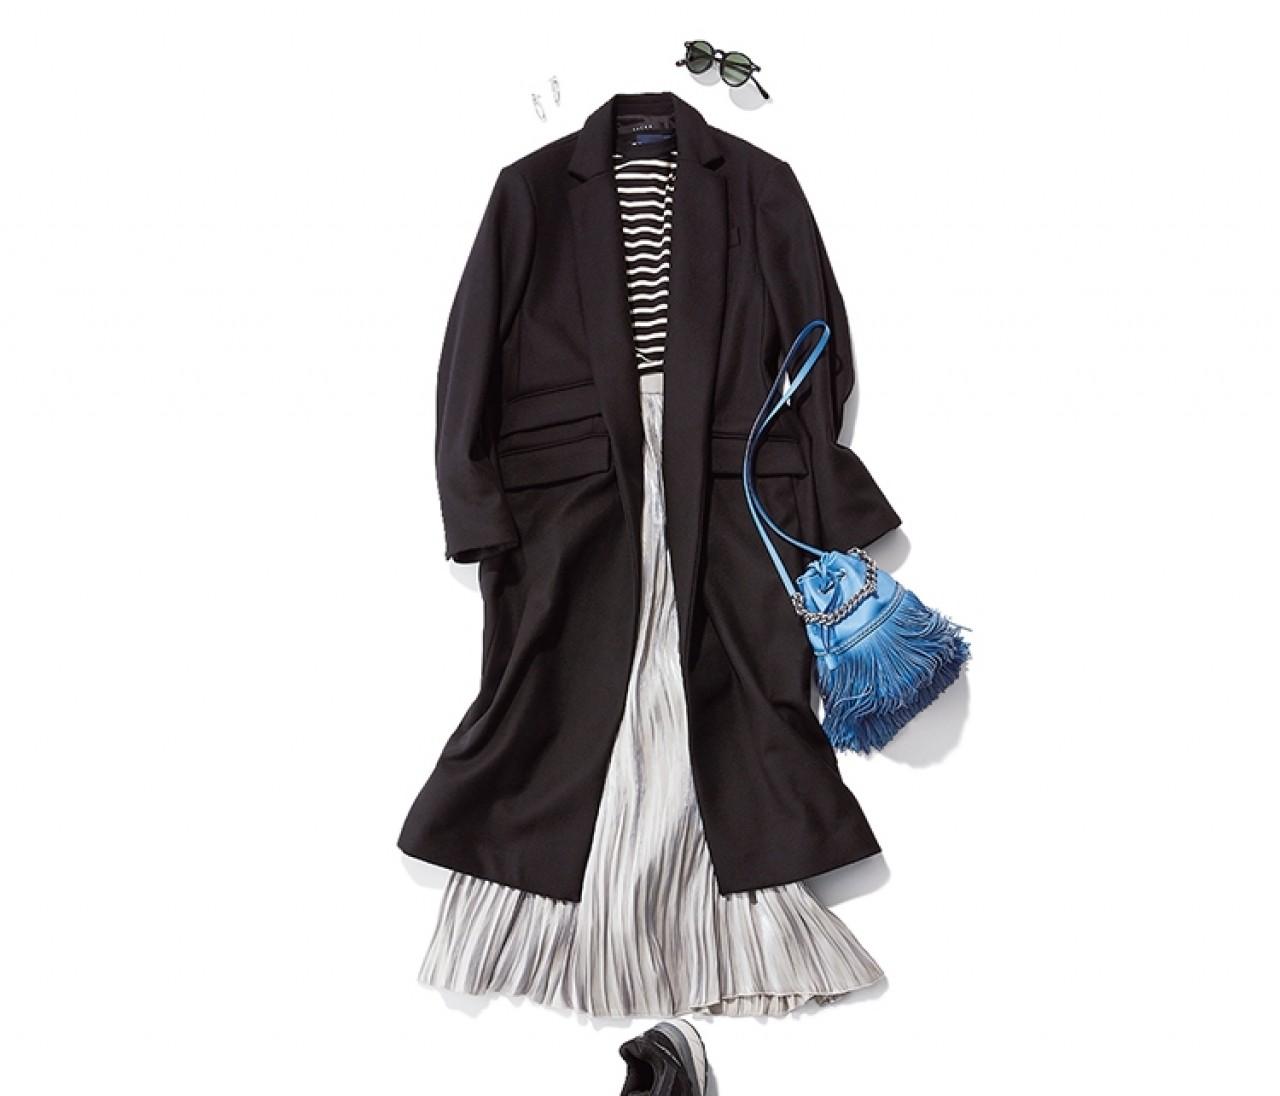 ドライブデートに行く日は、プリーツスカートを使ったカジュアルモノトーンコーデ【2019/12/8のコーデ】